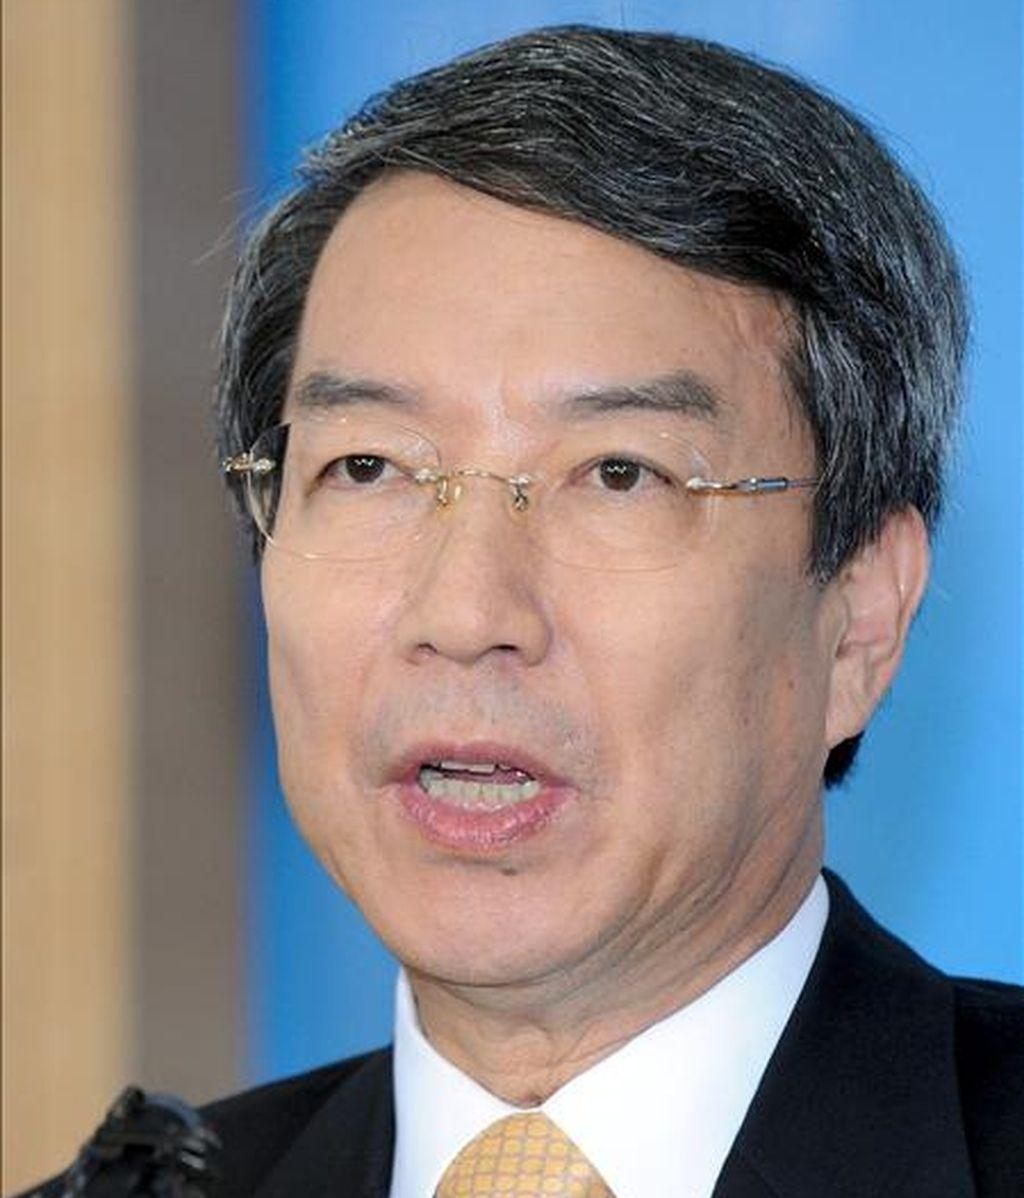 El primer ministro surcoreano, Chung Un-Chan, da una rueda de prensa sobre su dimisión en Seúl (Corea del Sur). El primer ministro Chung Un-chan presentó hoy su dimisión tras el reciente rechazo en el Parlamento de la ley que promovía para crear un centro de negocios en una región central del país. EFE/Bae Jun-Yeong